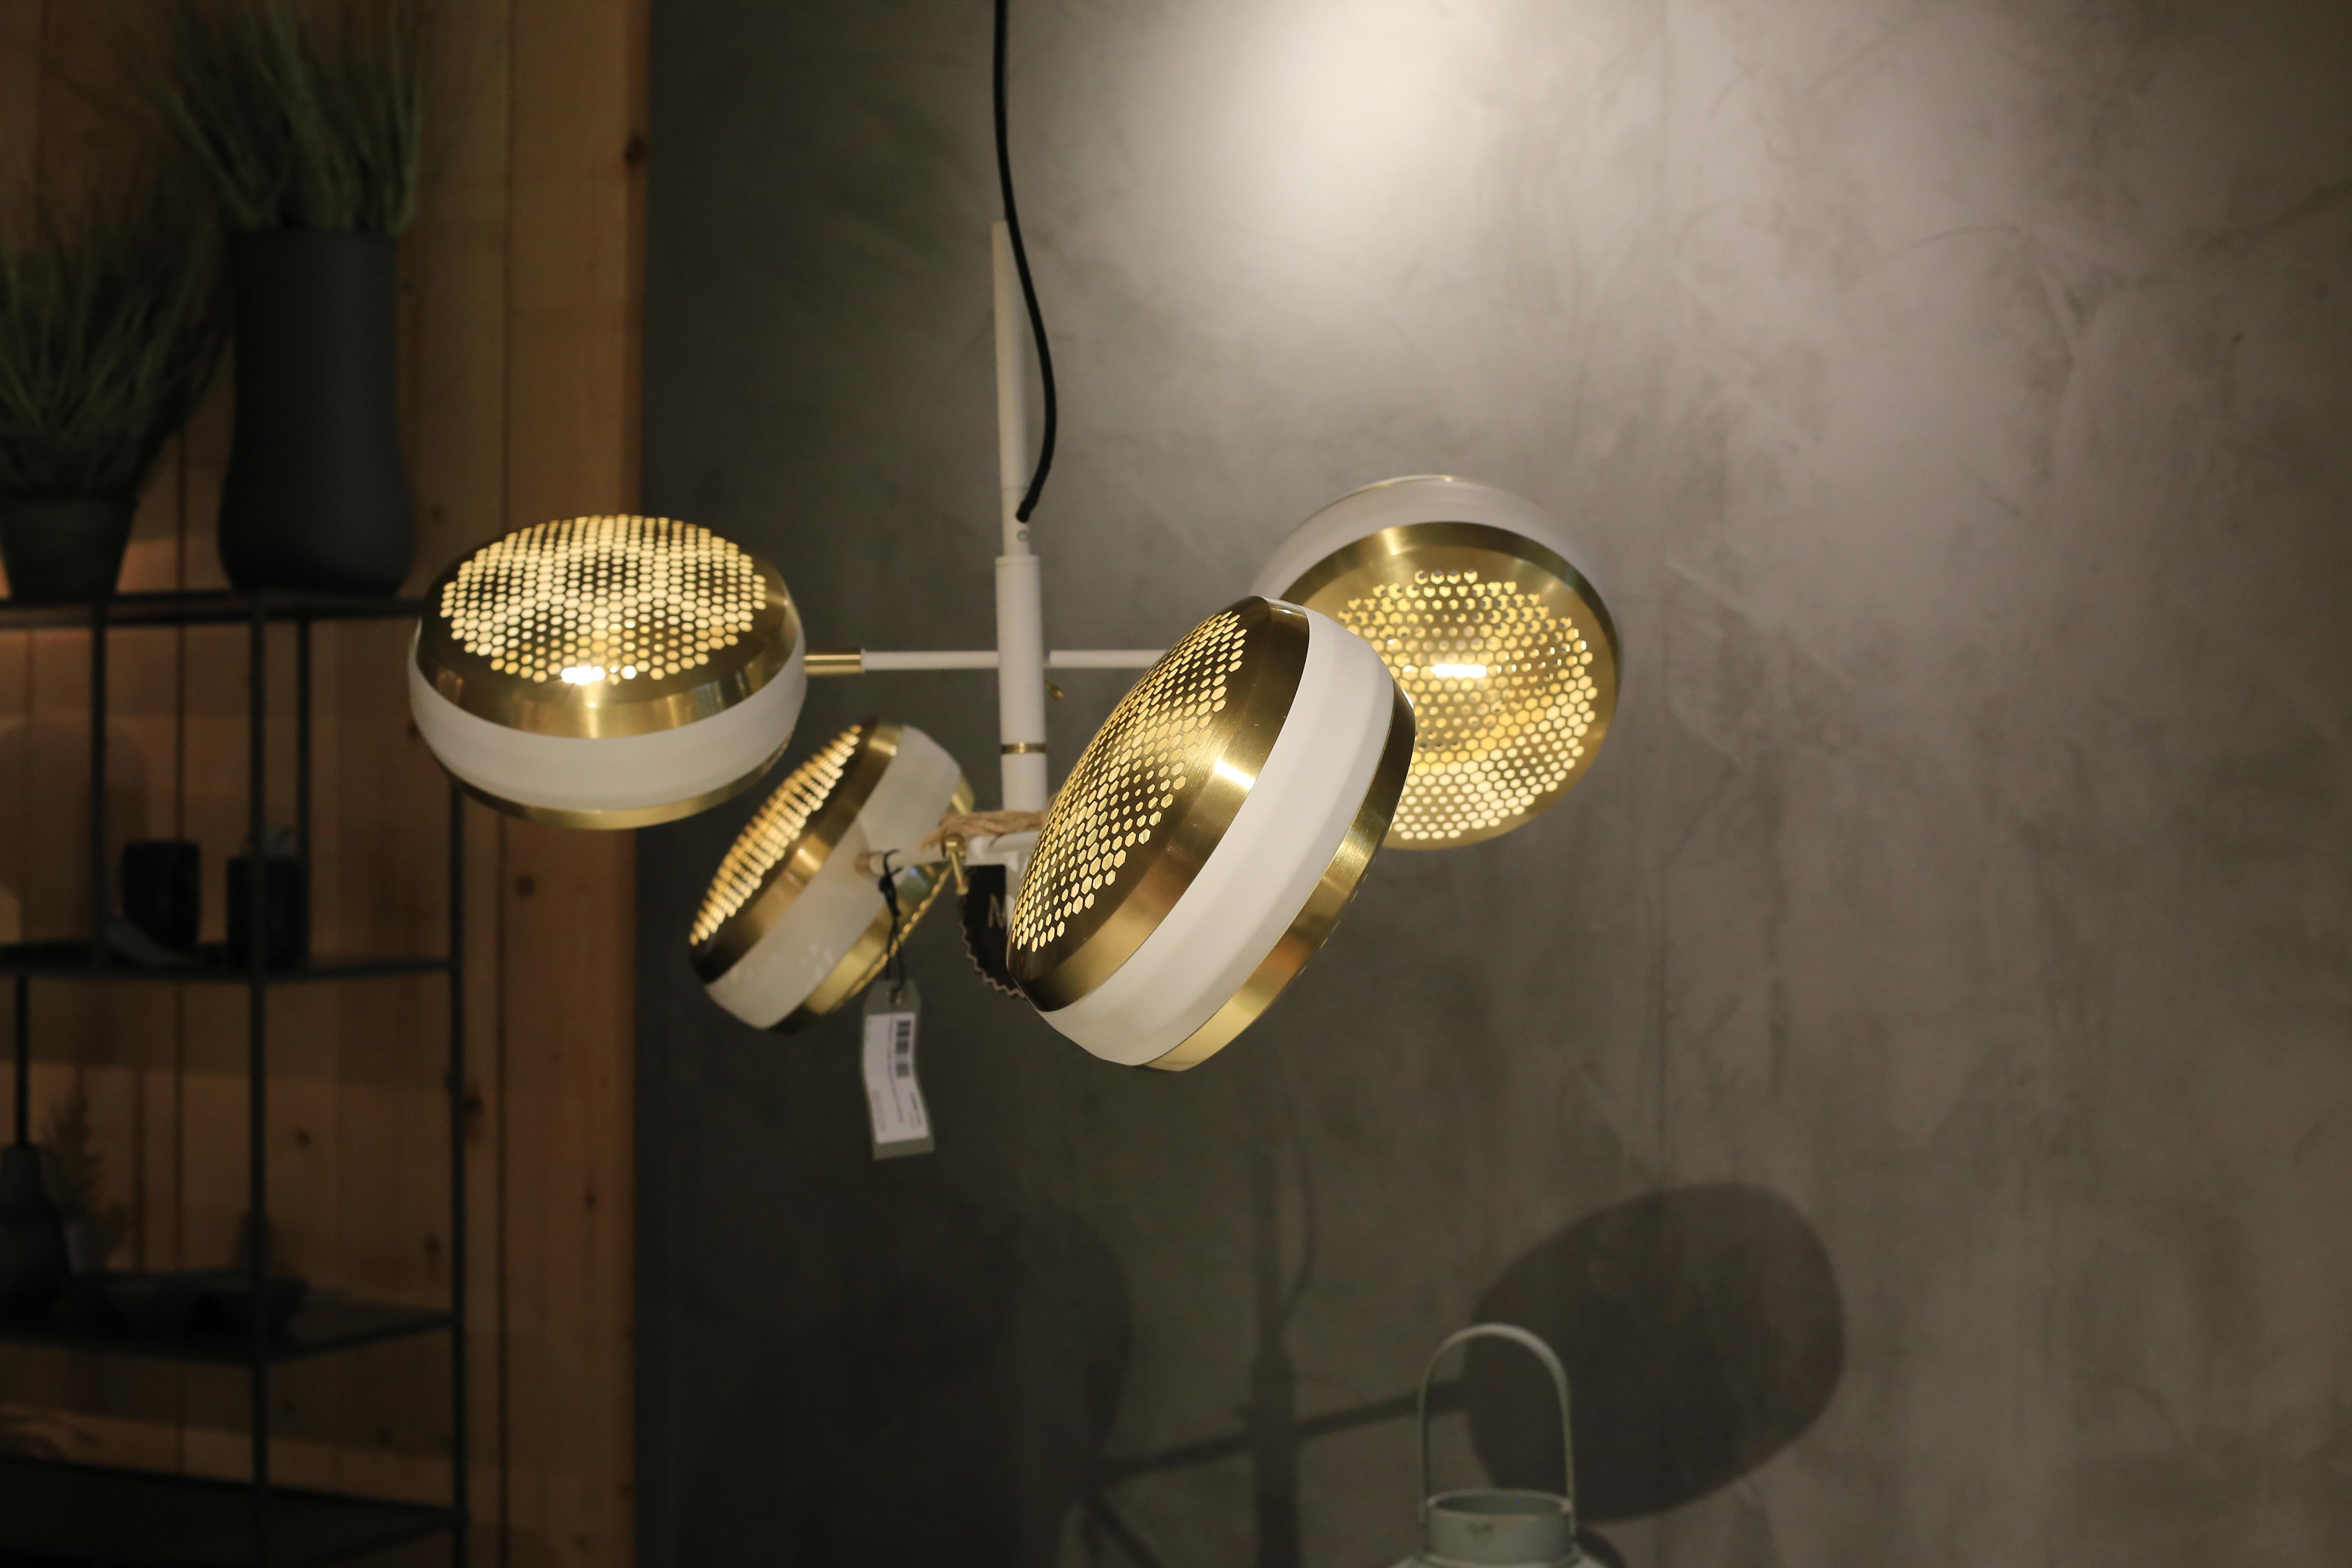 Inneneinrichtung Heidelberg, Mannheim, Stuttgart - Gaffga Interieur Design - Moebel von Zuiver, Haengeleuchten in Gold und Weiß